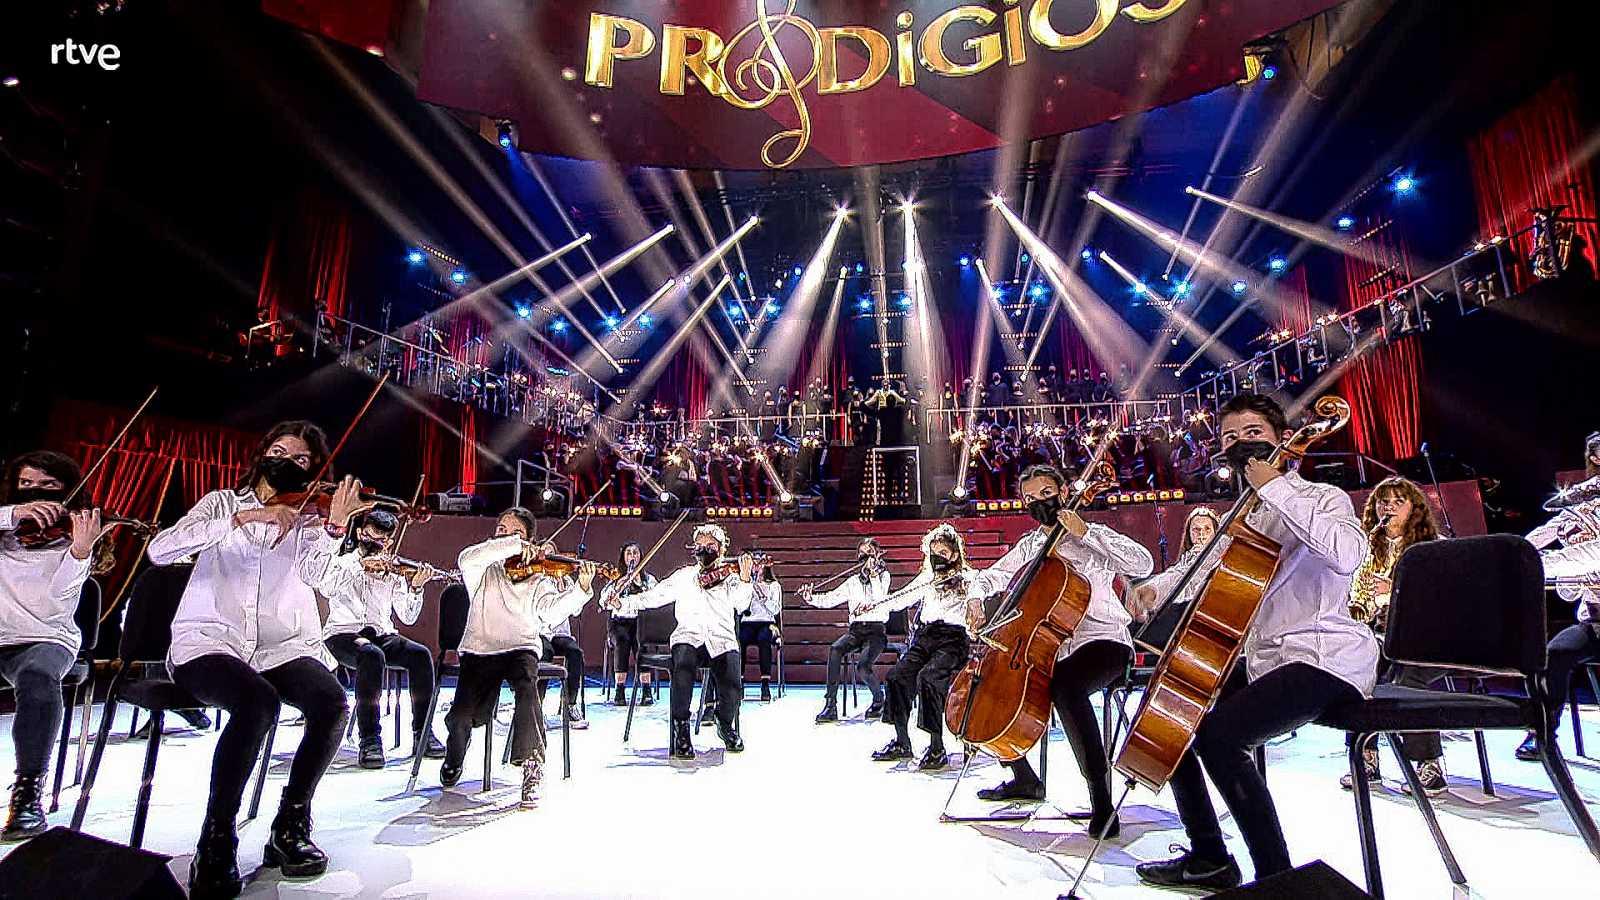 'Prodigios' estrena en La 1 su tercera temporada